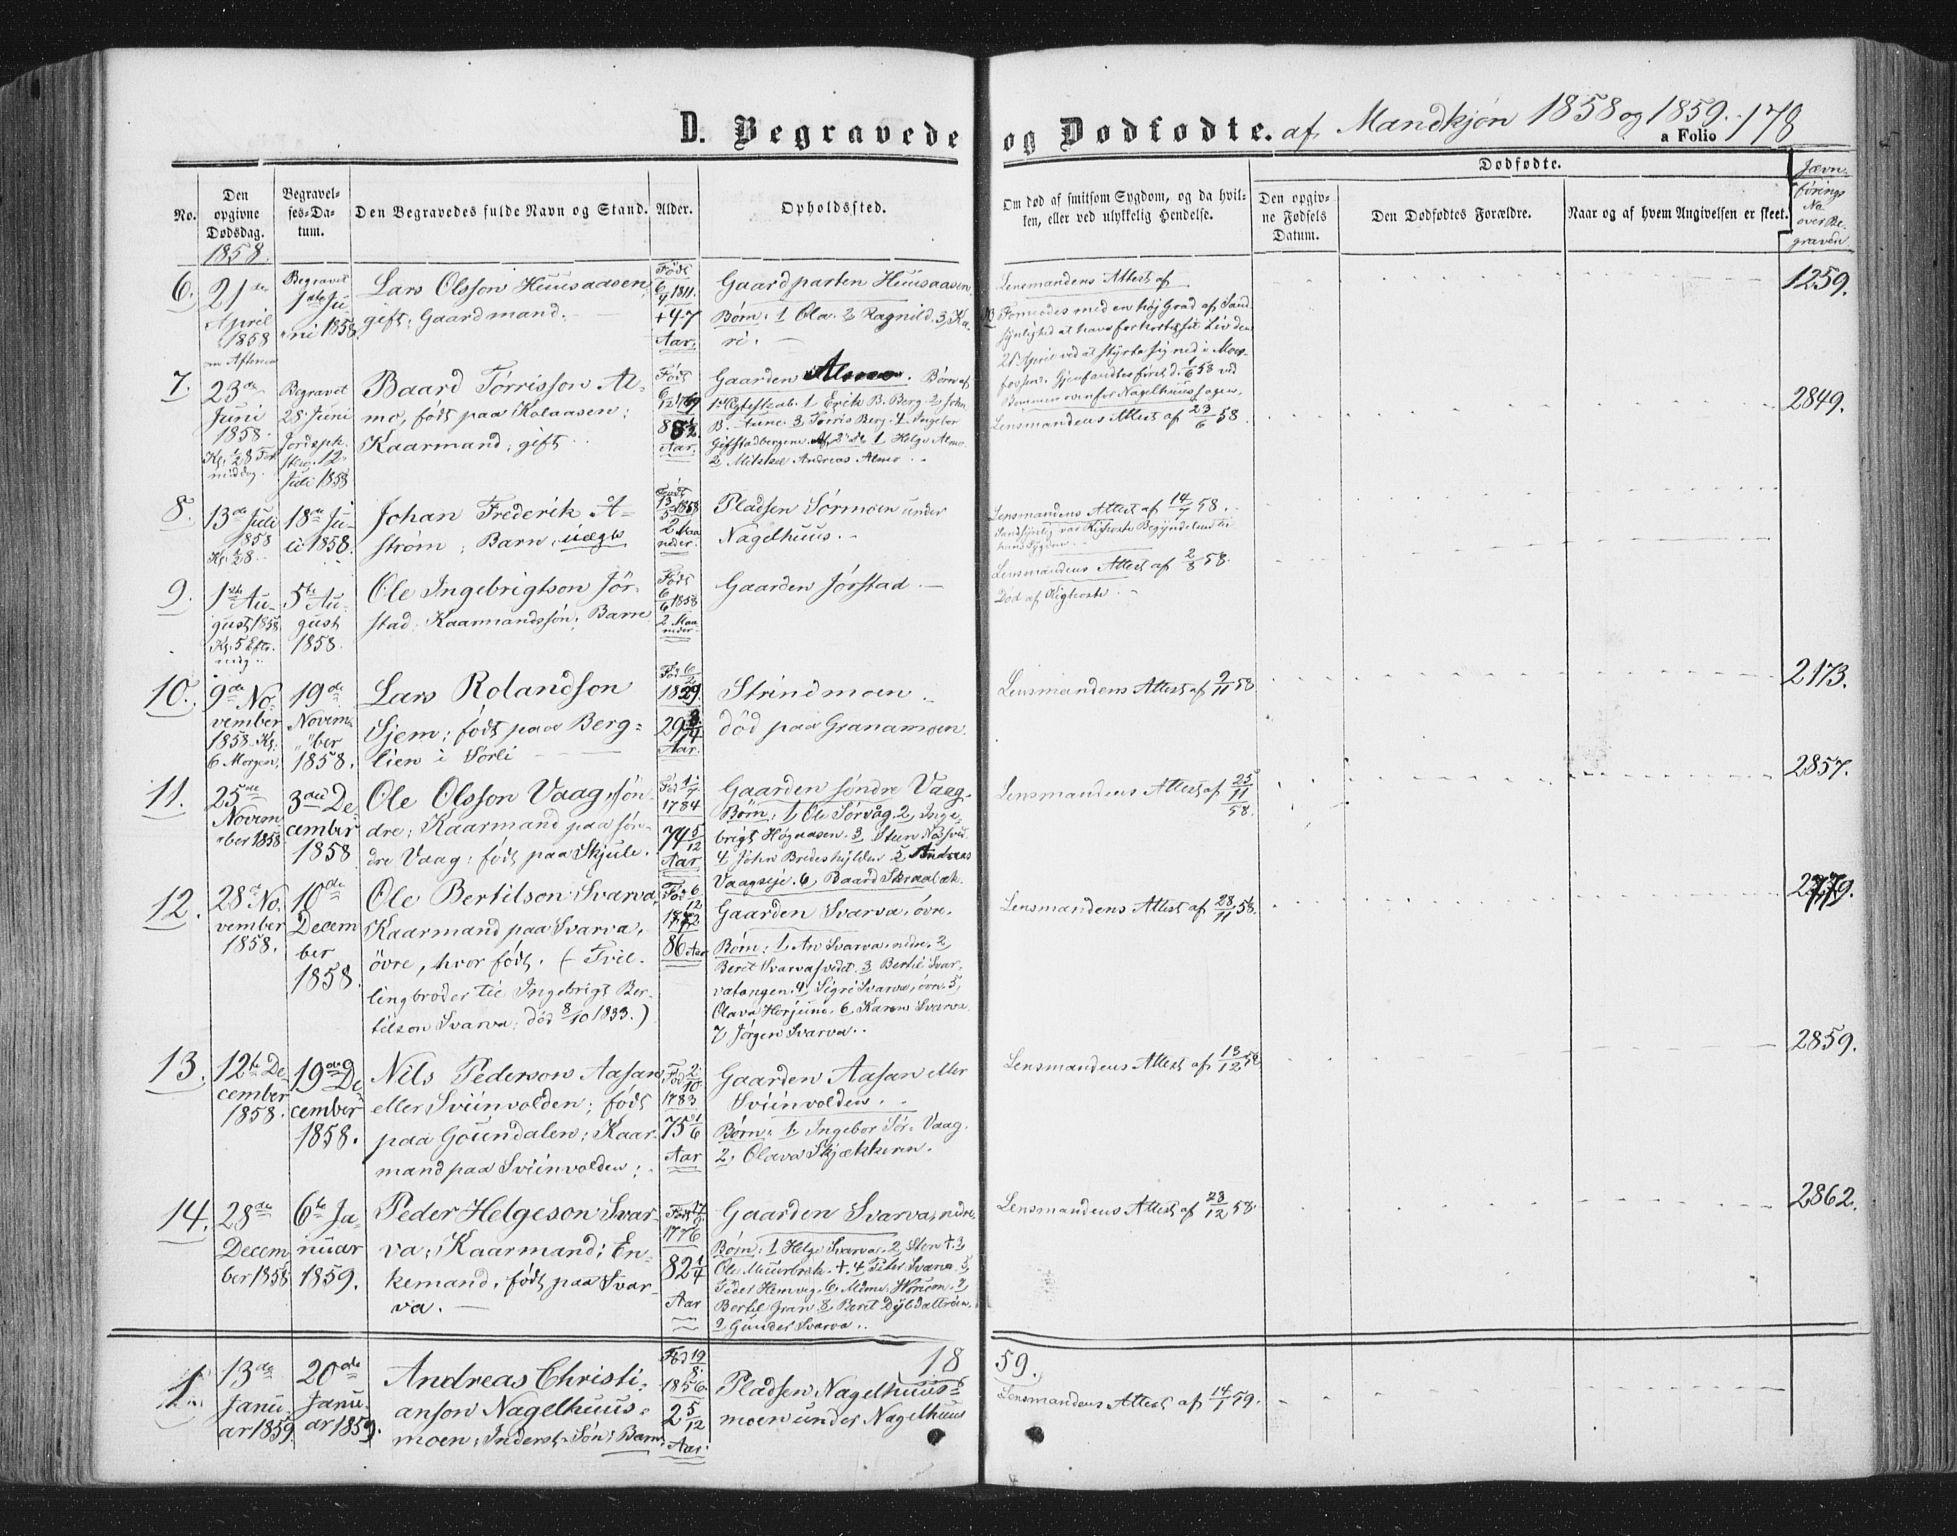 SAT, Ministerialprotokoller, klokkerbøker og fødselsregistre - Nord-Trøndelag, 749/L0472: Ministerialbok nr. 749A06, 1857-1873, s. 178